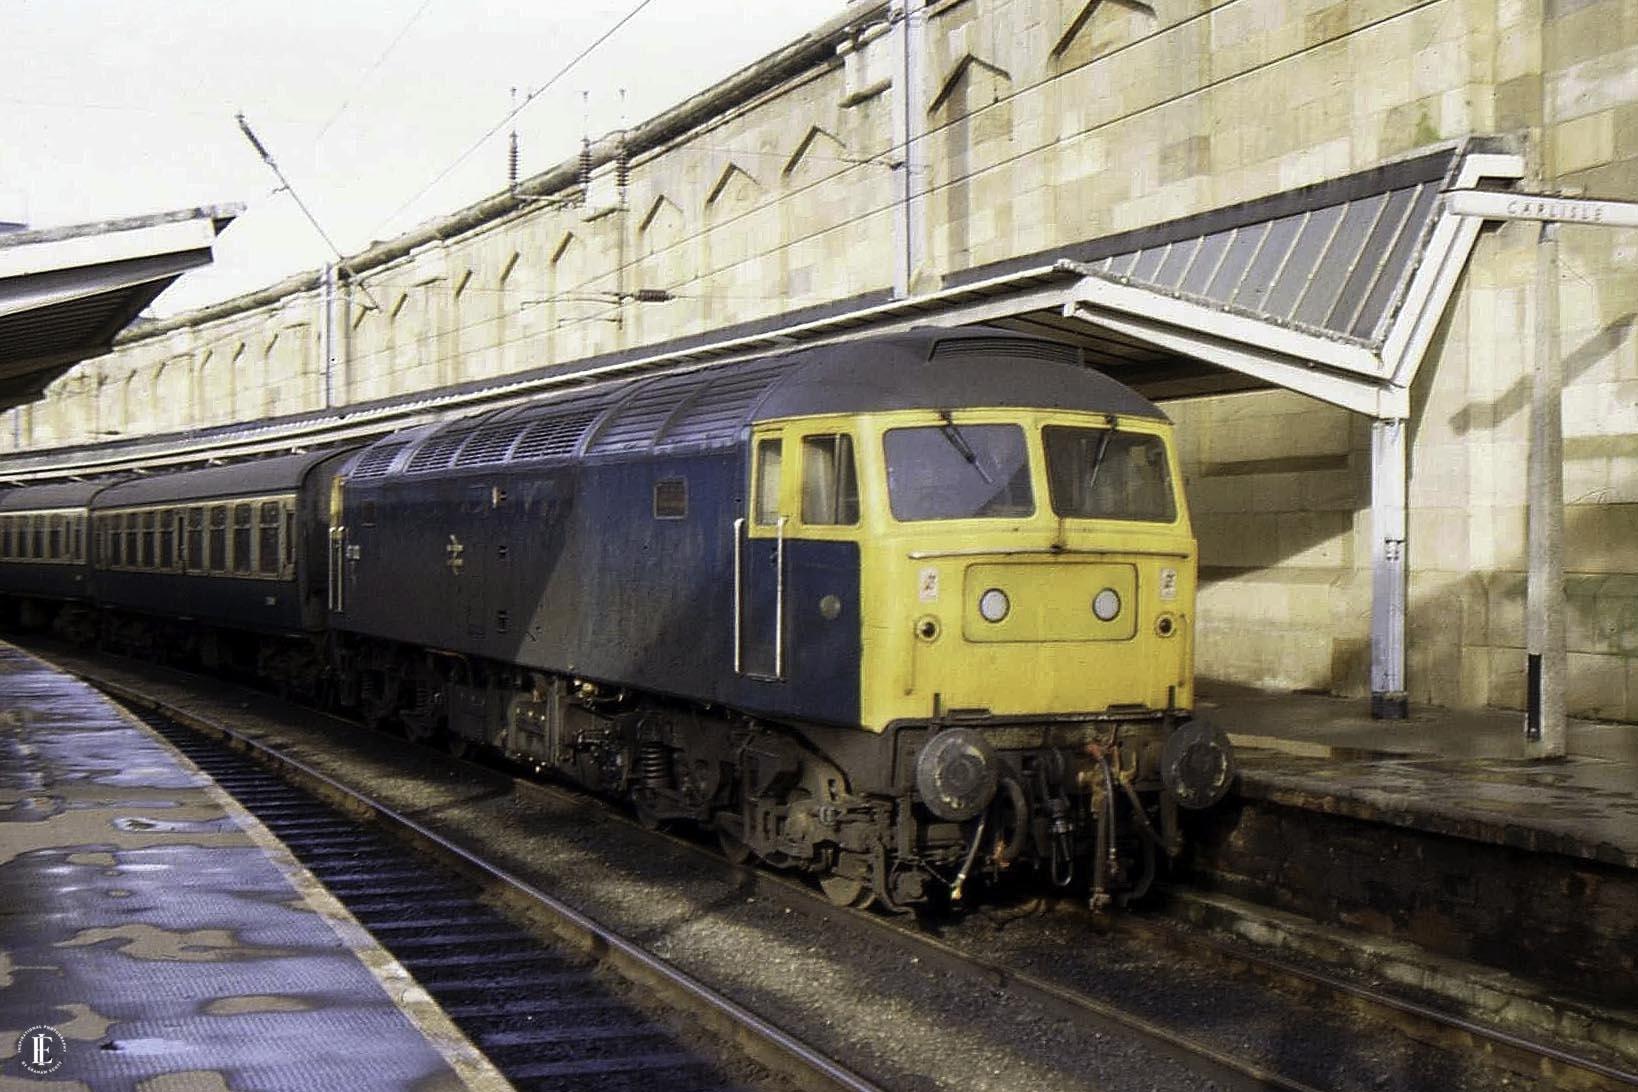 19830201 47002 Carlisle.jpg